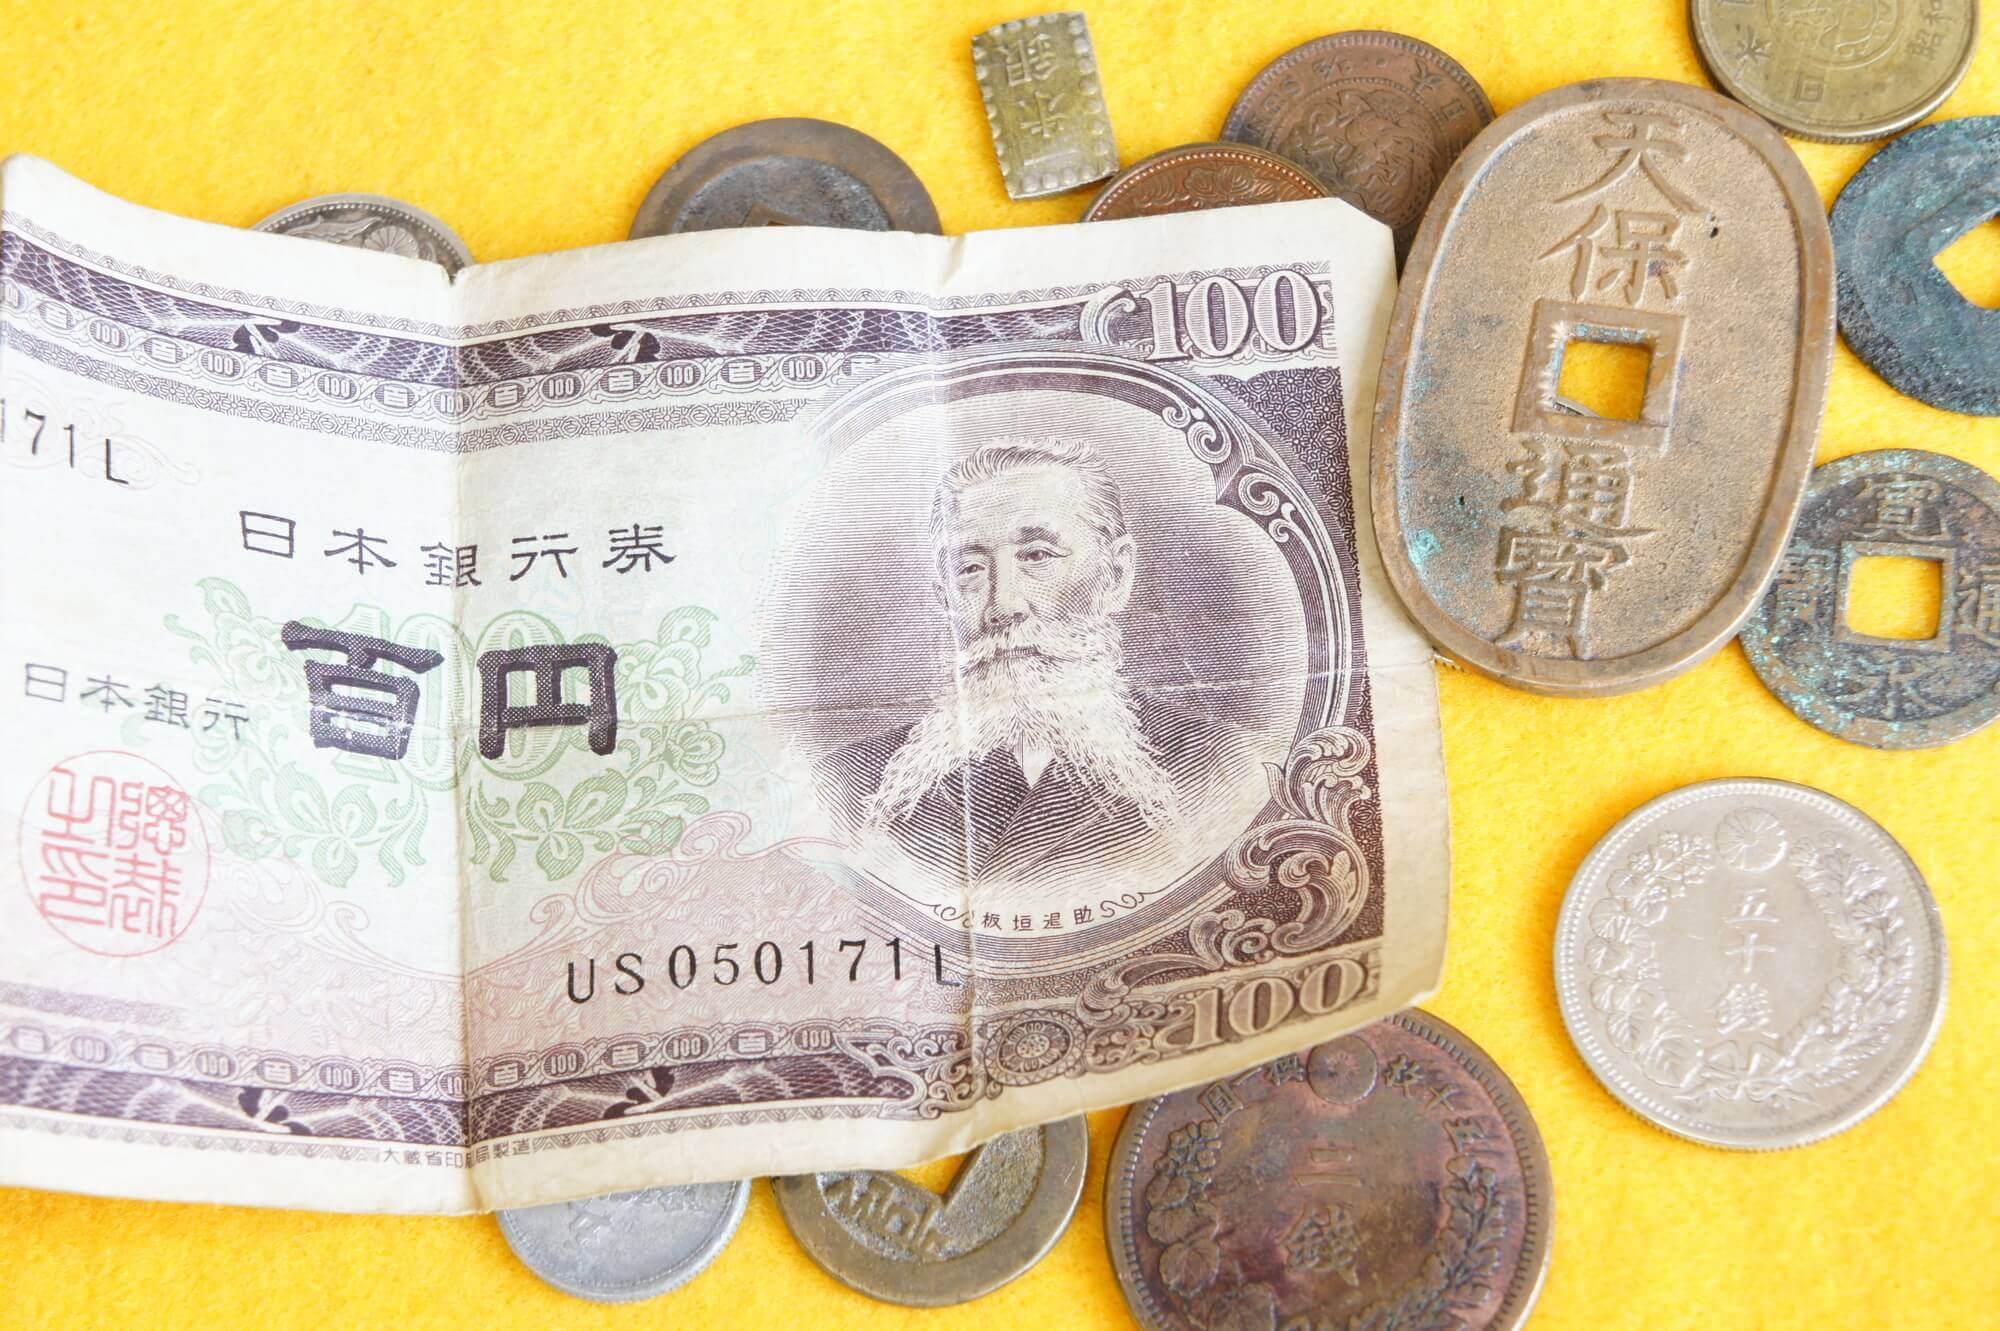 板垣 退助 100 円 札 価値